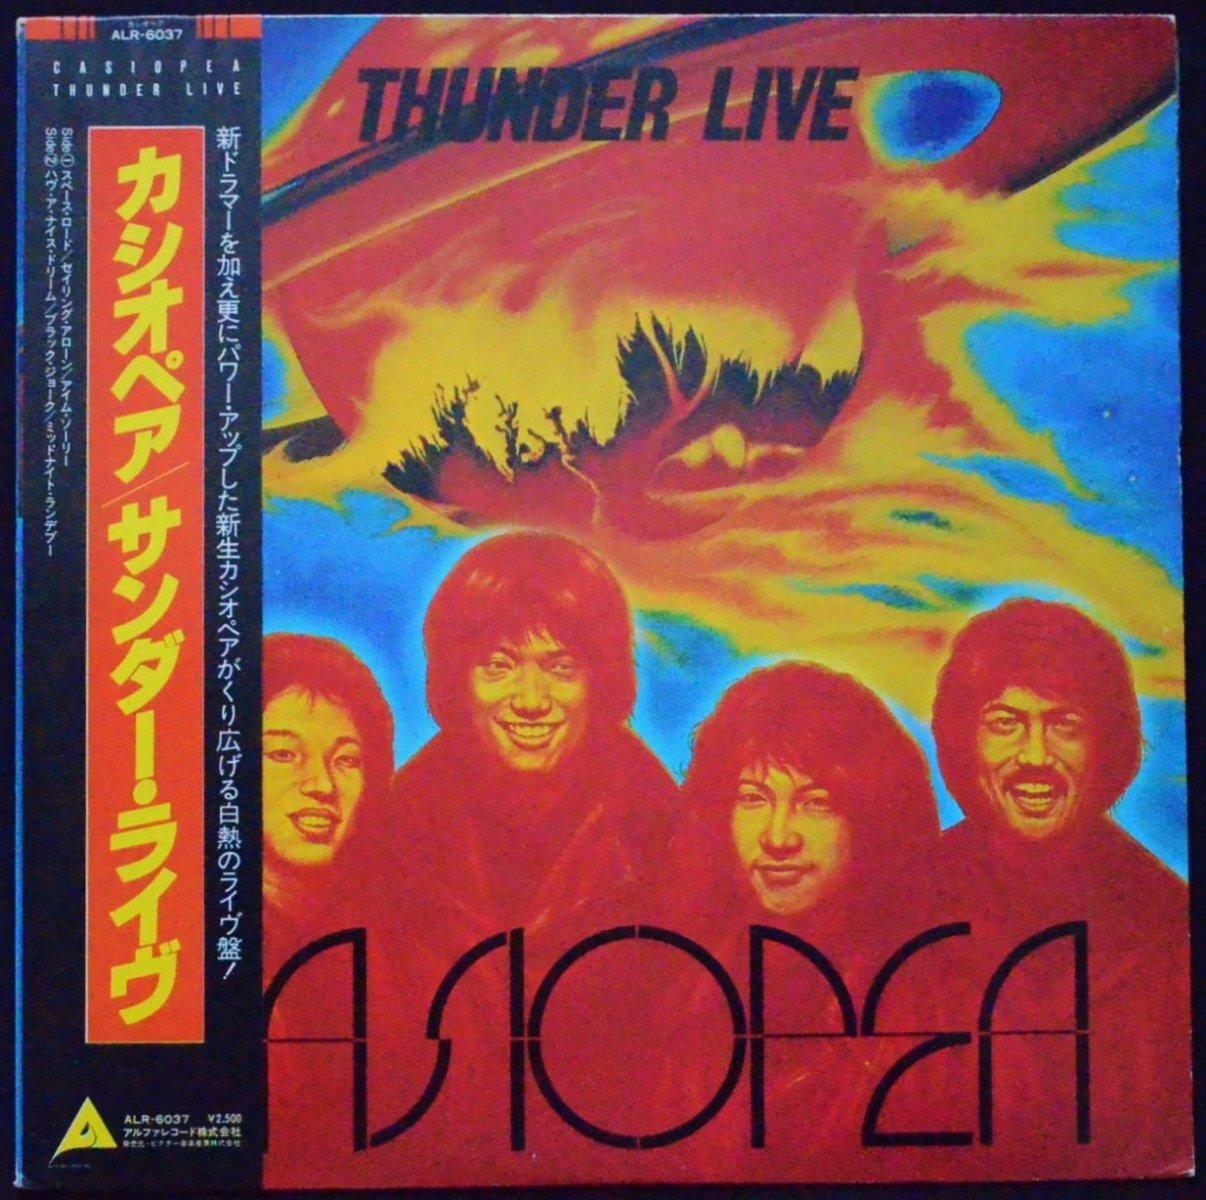 カシオペア CASIOPEA / サンダー・ライヴ THUNDER LIVE (LP)